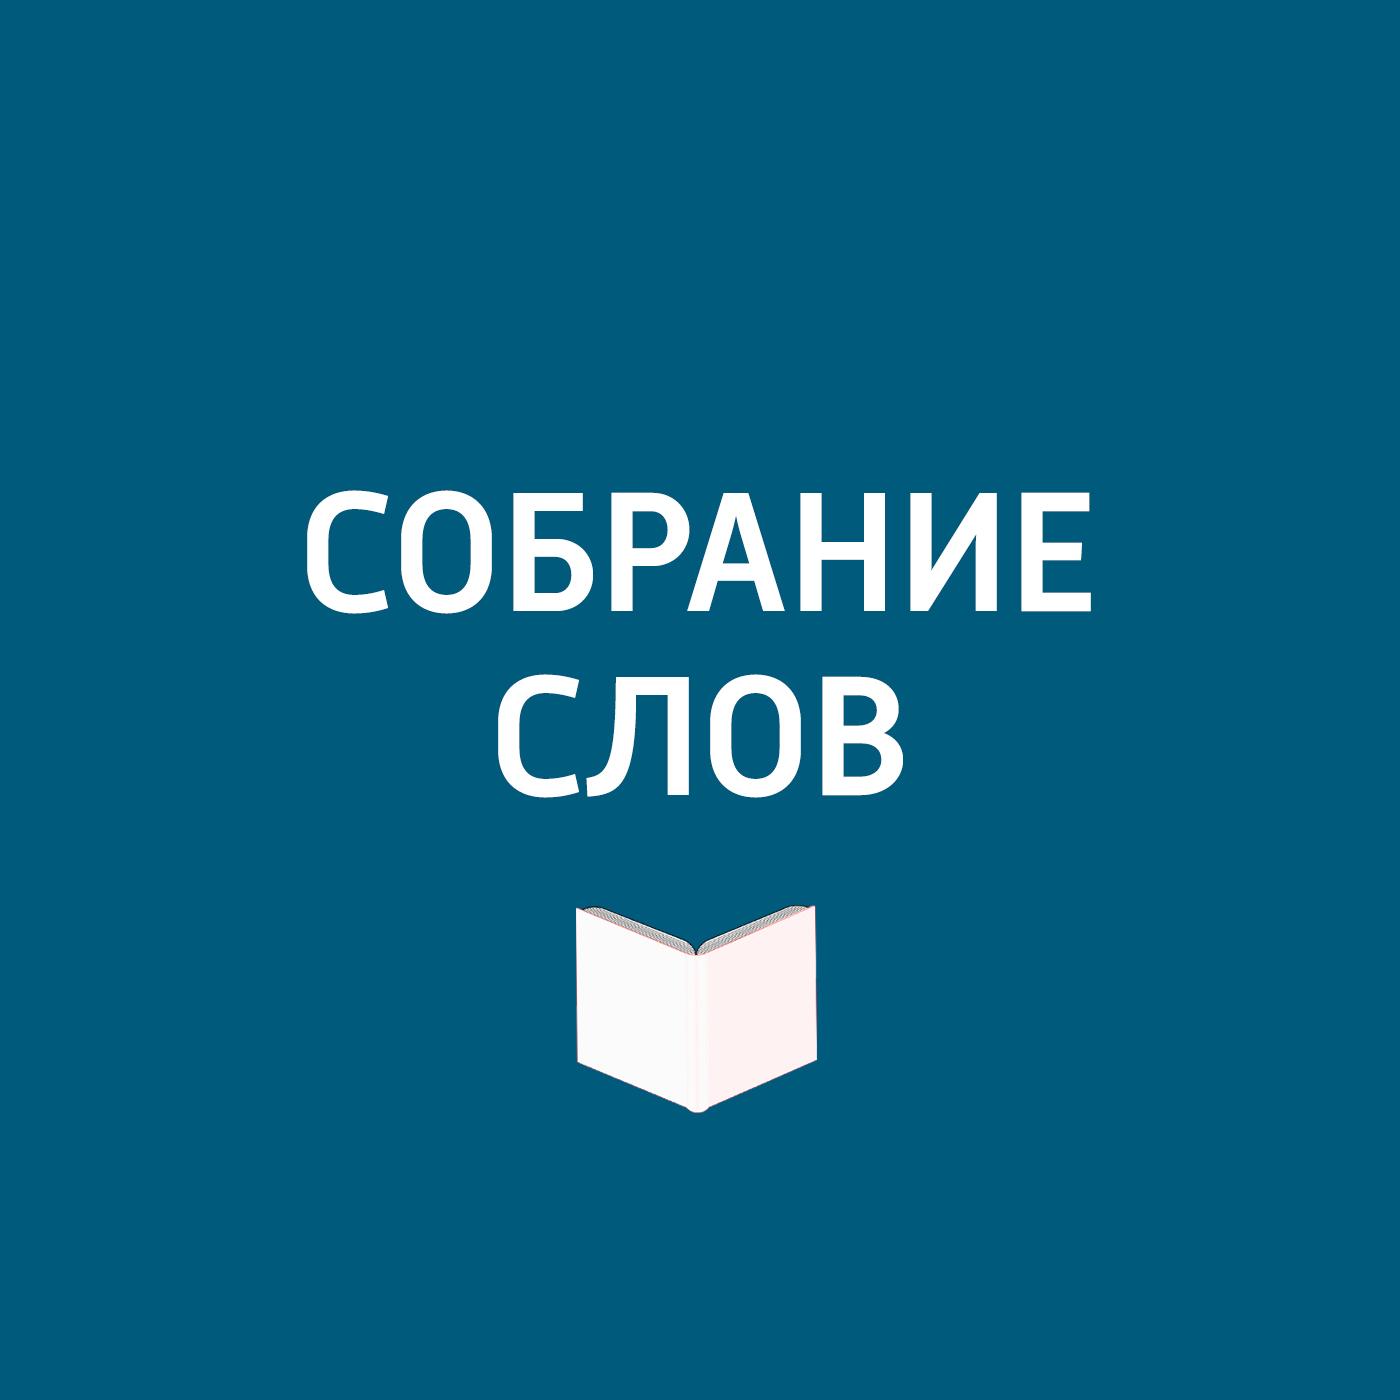 Творческий коллектив программы «Собрание слов» Большое интервью Ольги Ростропович сиднейский оперный театр p115